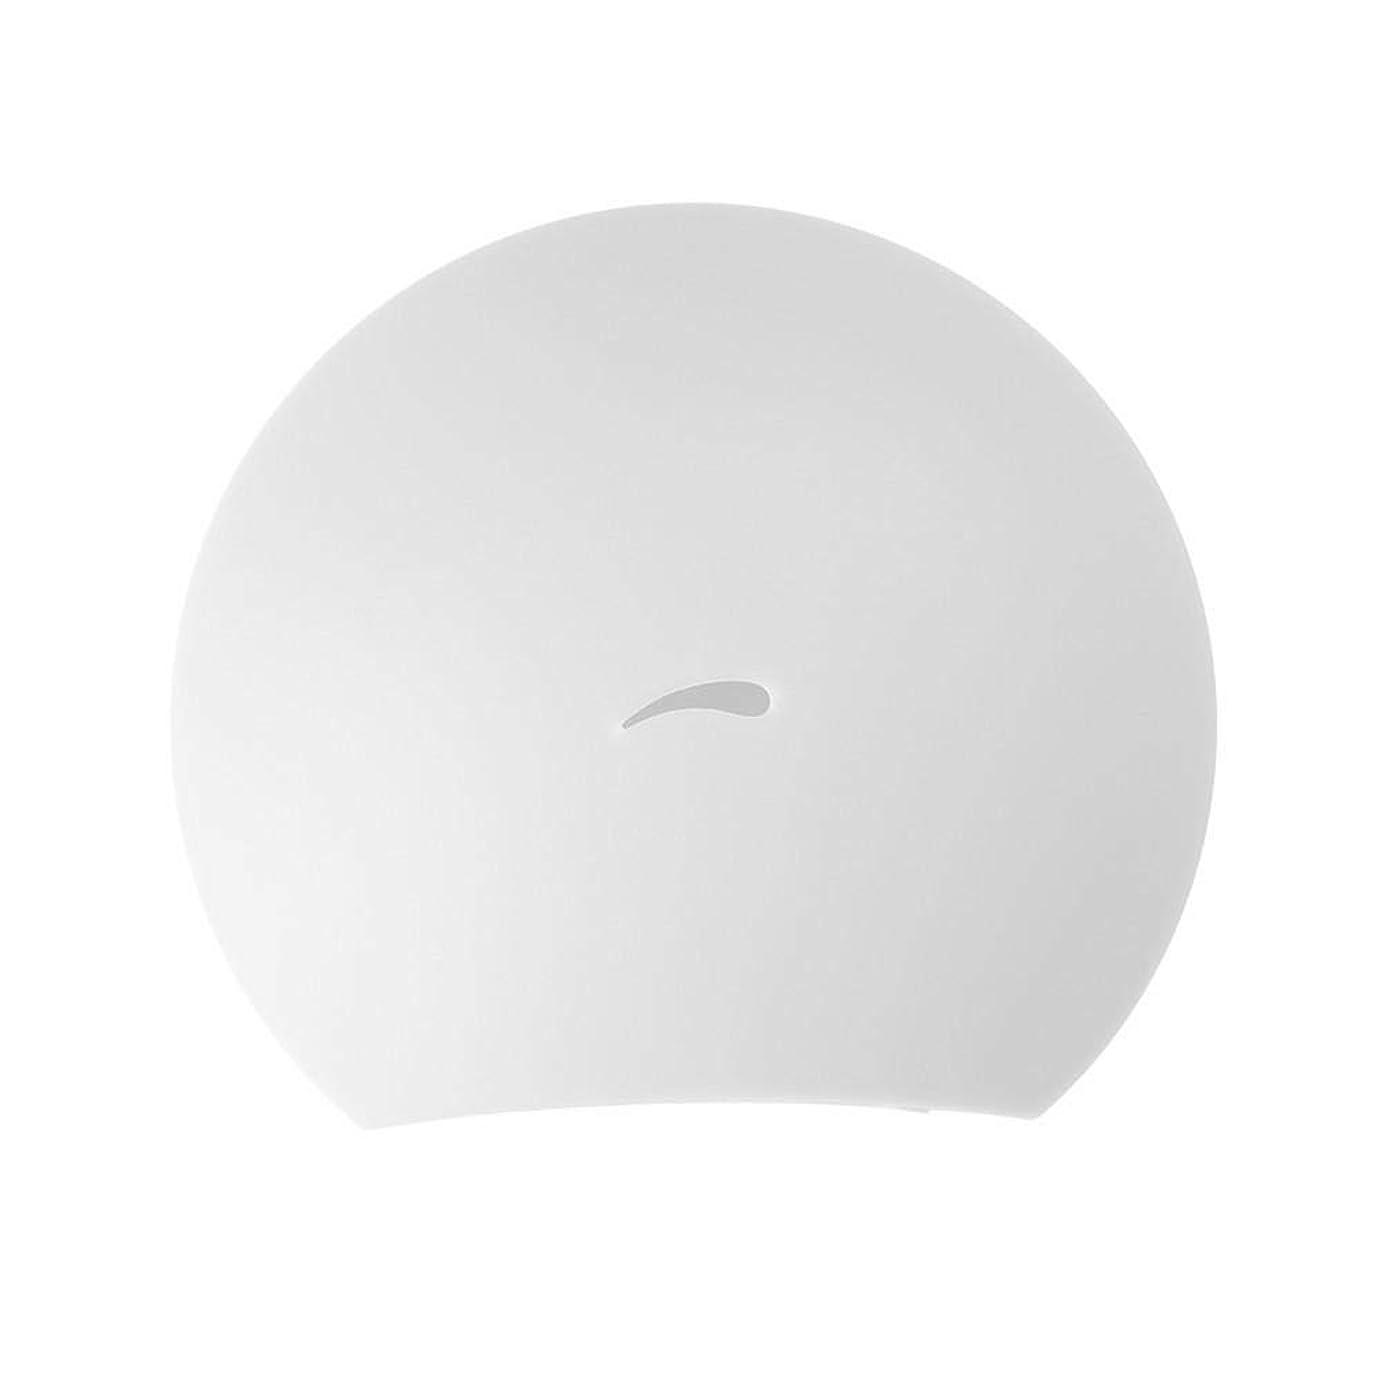 カラスマウンドジムアロマ加湿器 超音波式加湿器 アロマディフューザー 卓上加湿器 シェル形 USB充電式 小容量 80ml 静音 ライト付き 間接照明 適用面積21~30㎡ Styleshow